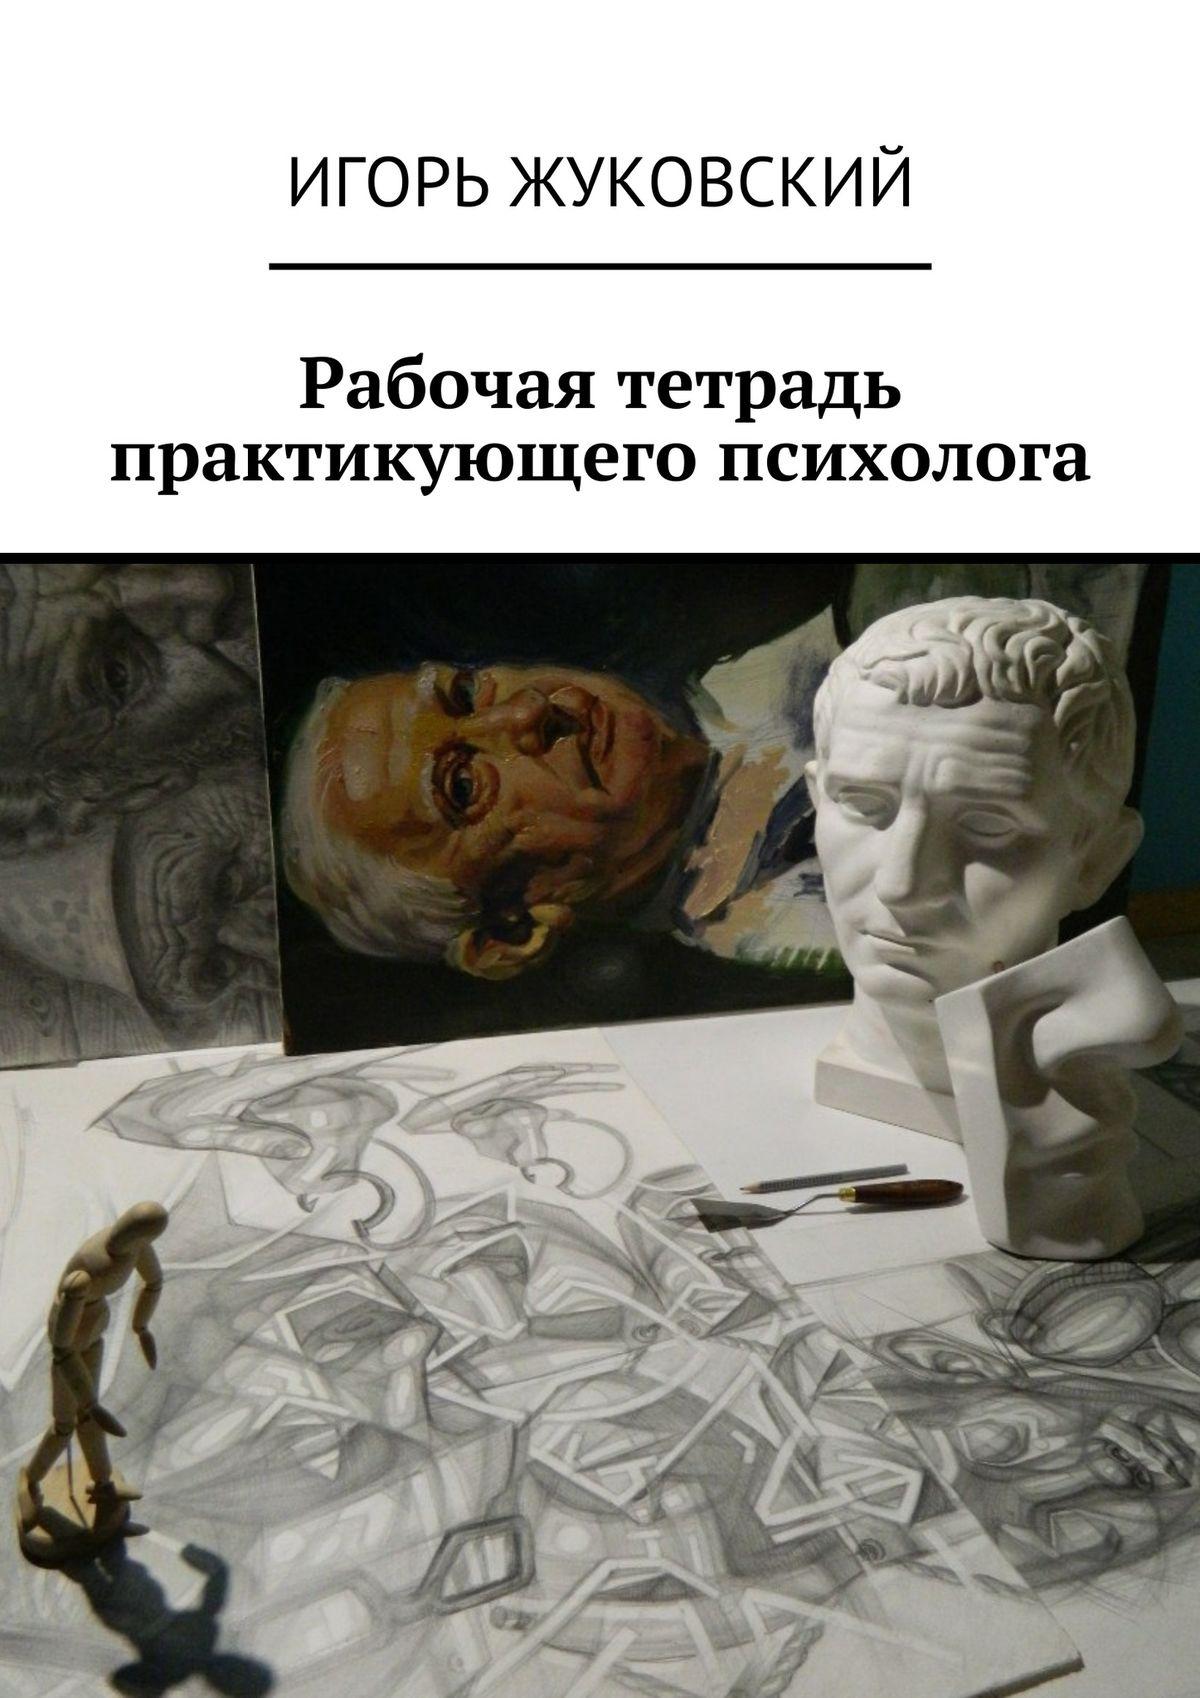 Игорь Жуковский Рабочая тетрадь практикующего психолога цены онлайн